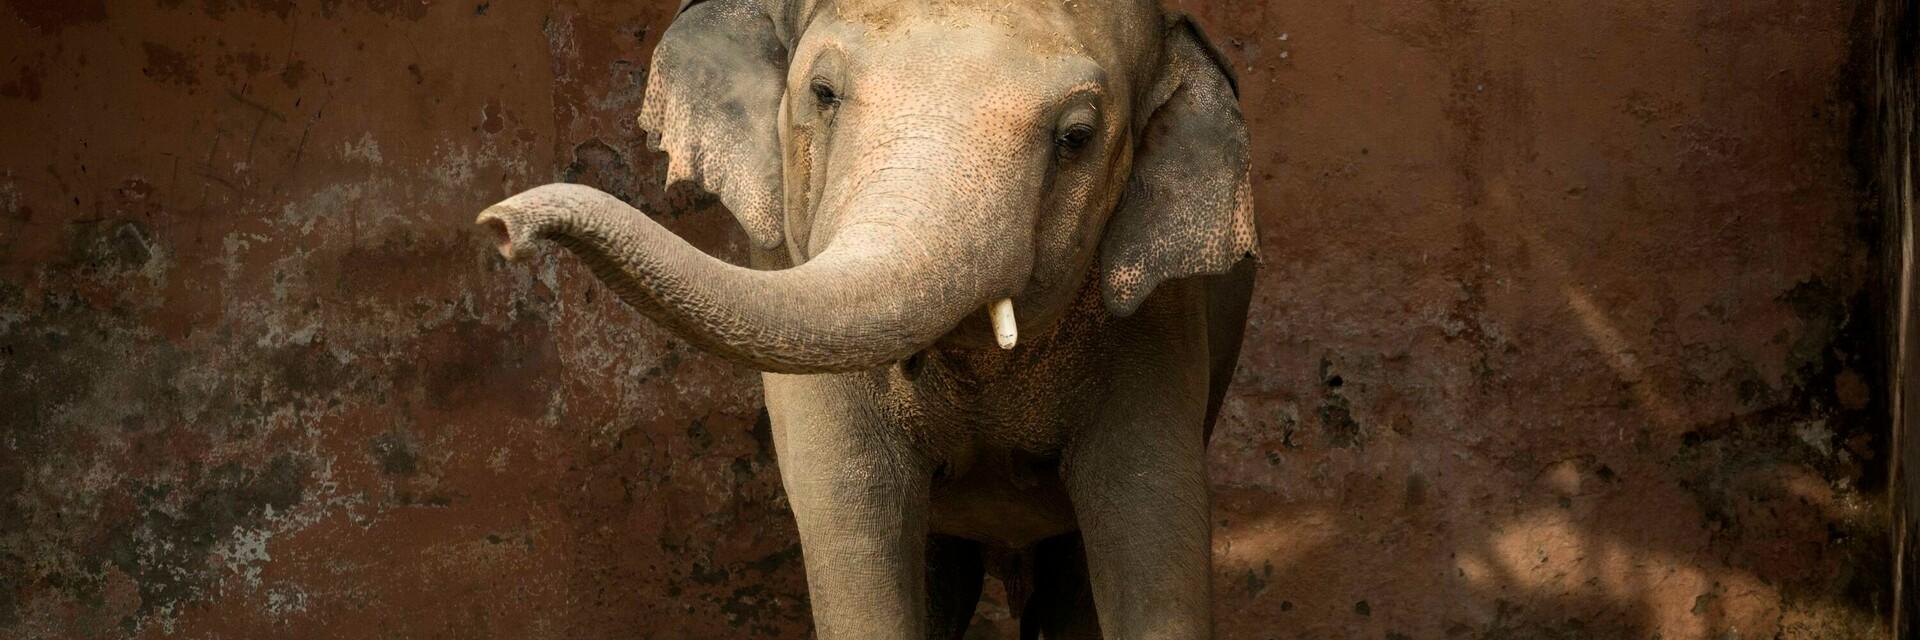 Rescued elephant Kaavan